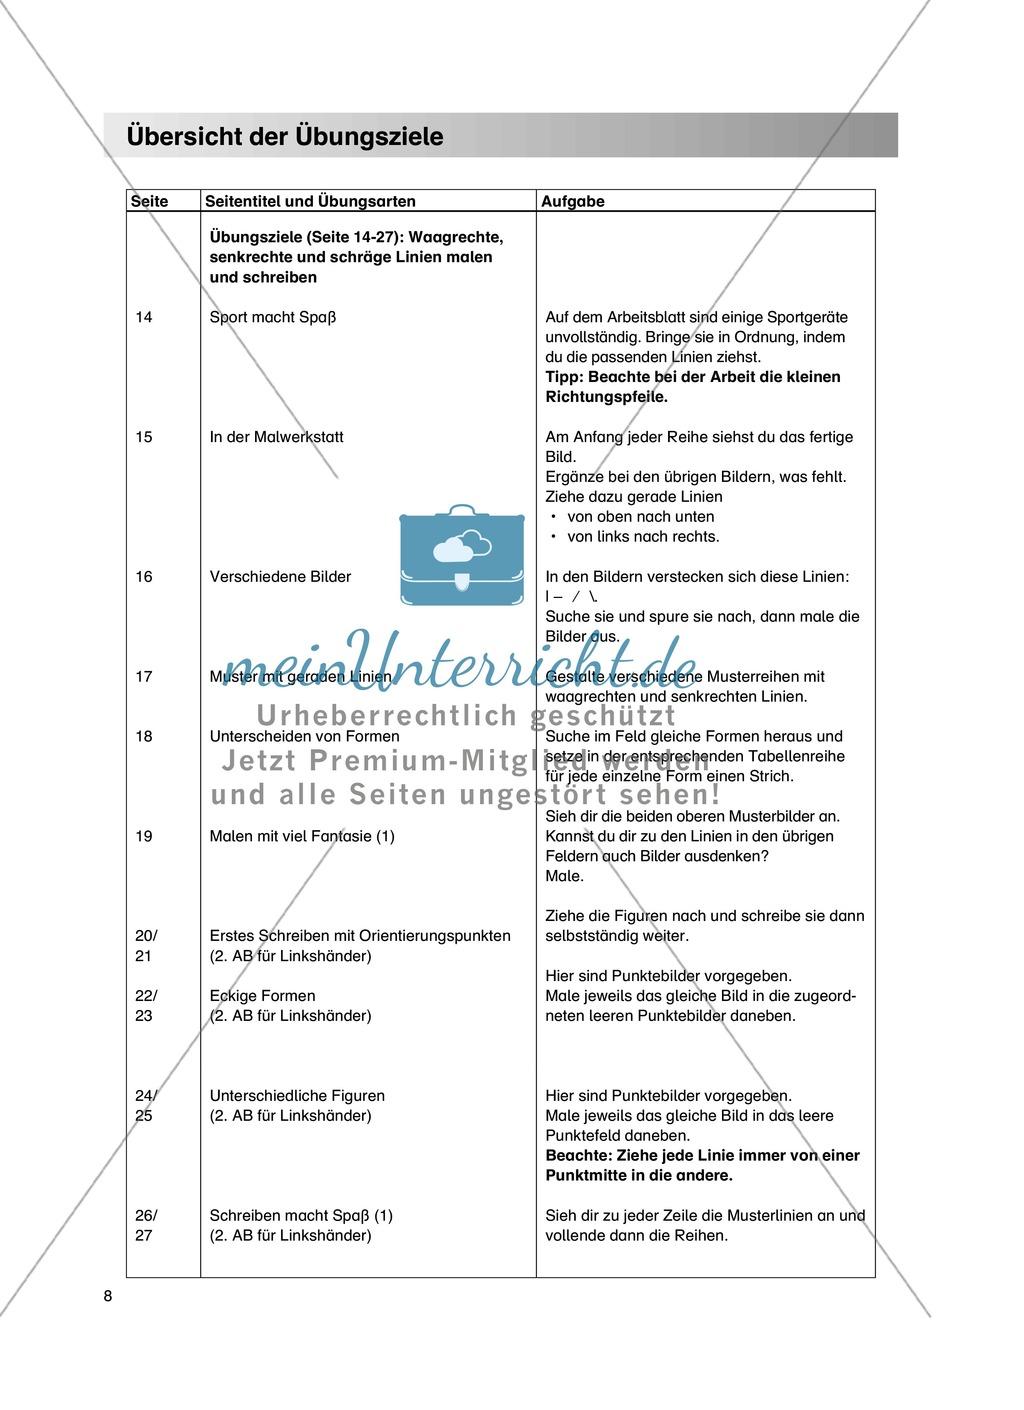 """Feinmotorik und Wahrnehmung: """"Waagrechte - Senkrechte -Schräge Linien malen und schreiben"""" - Arbeitsblätter +Übungen Preview 4"""